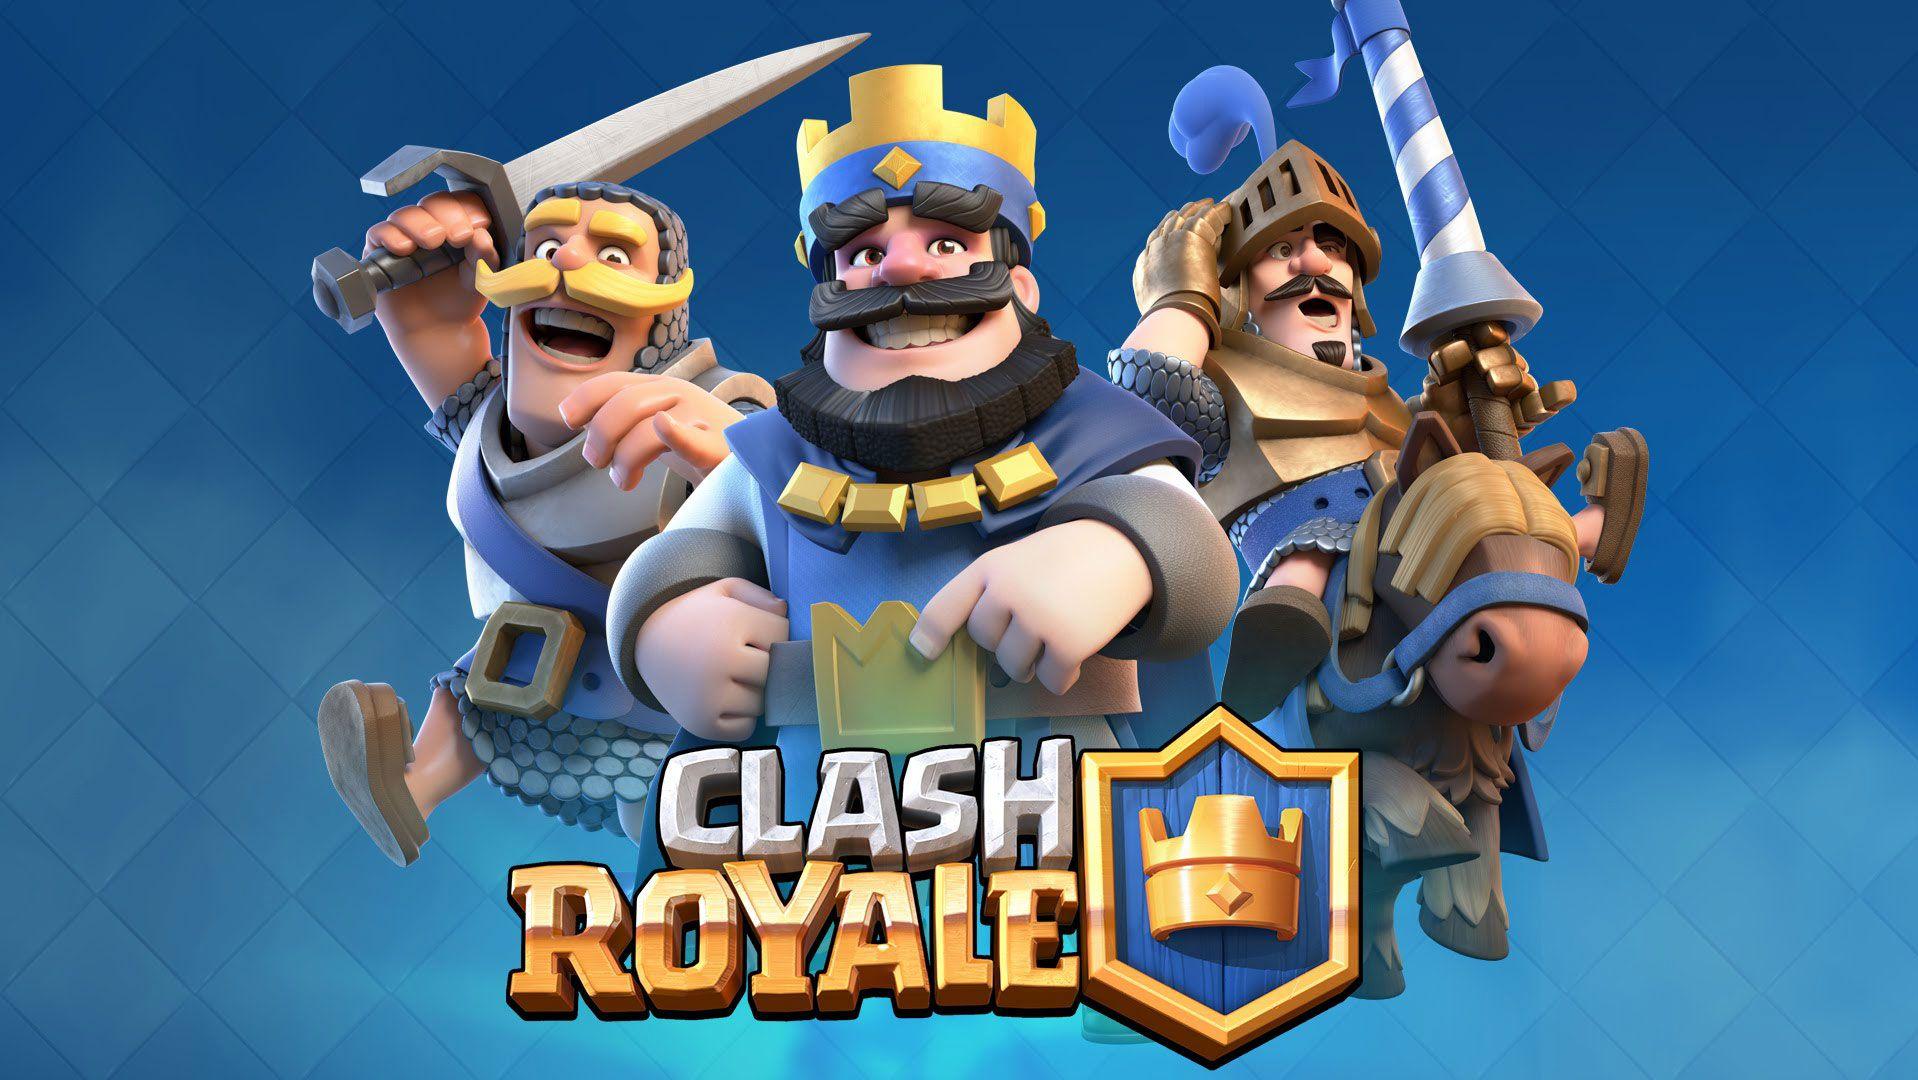 Clash Royale 2.2.4 APK